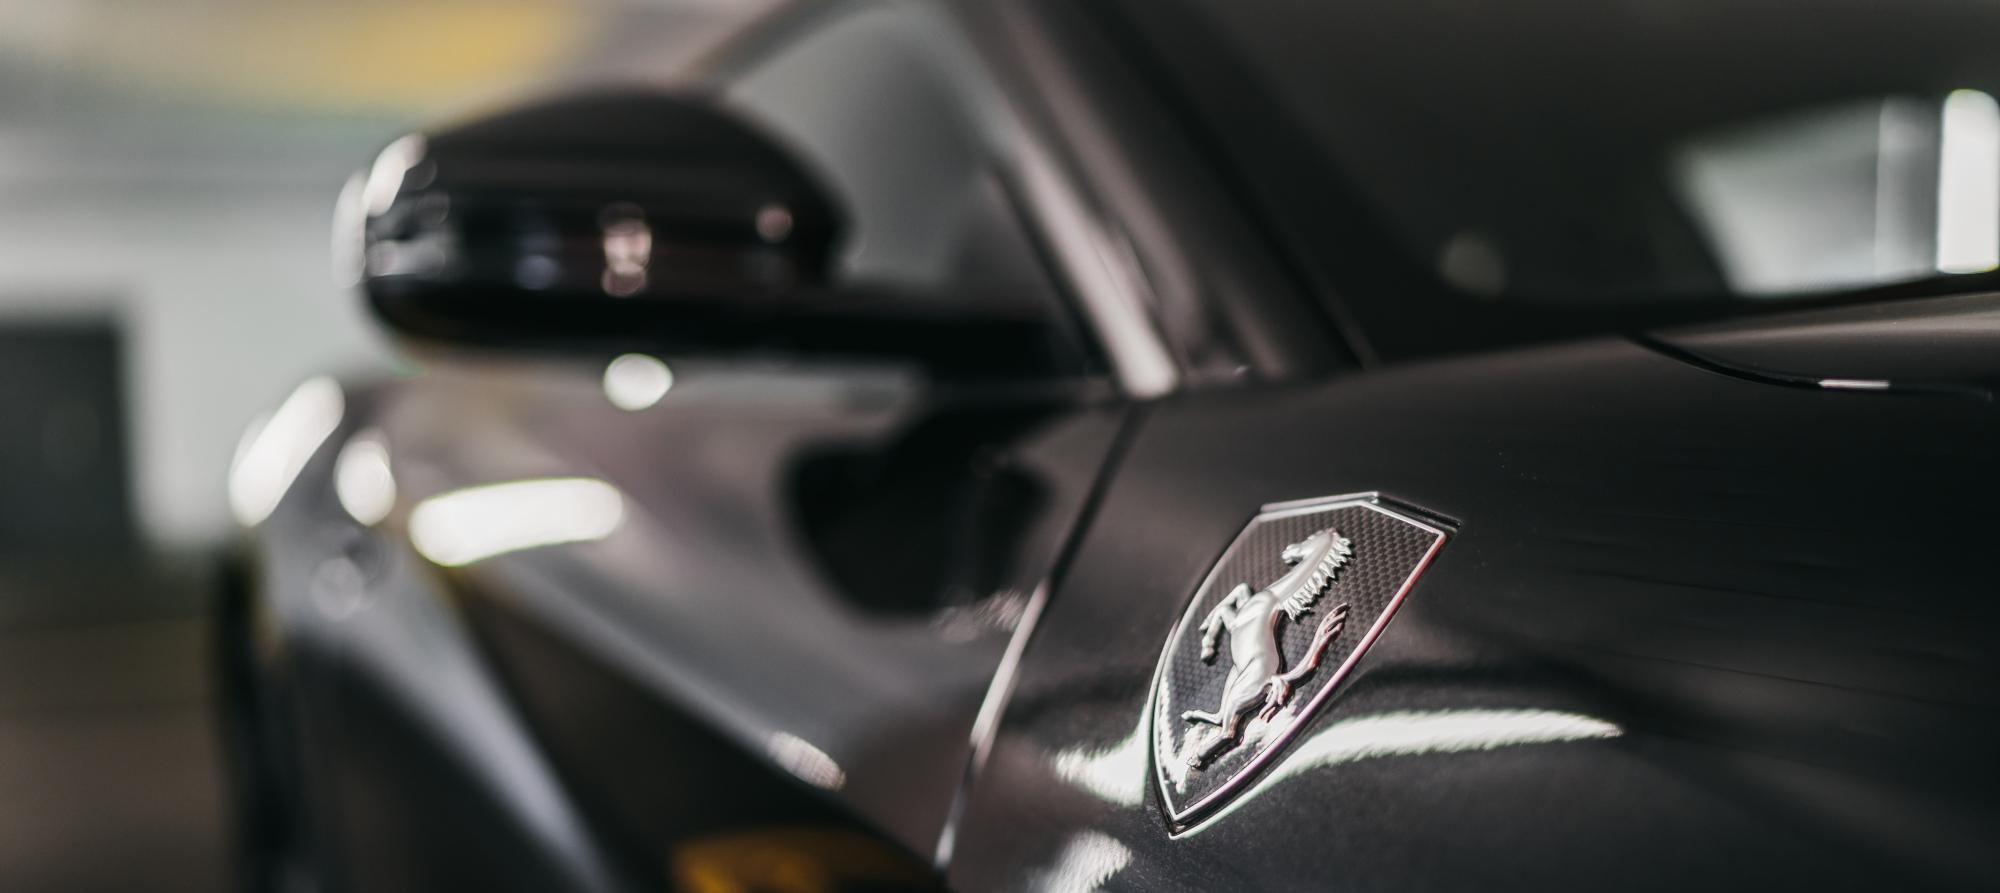 luxus sportwagen mieten vermietung zürich